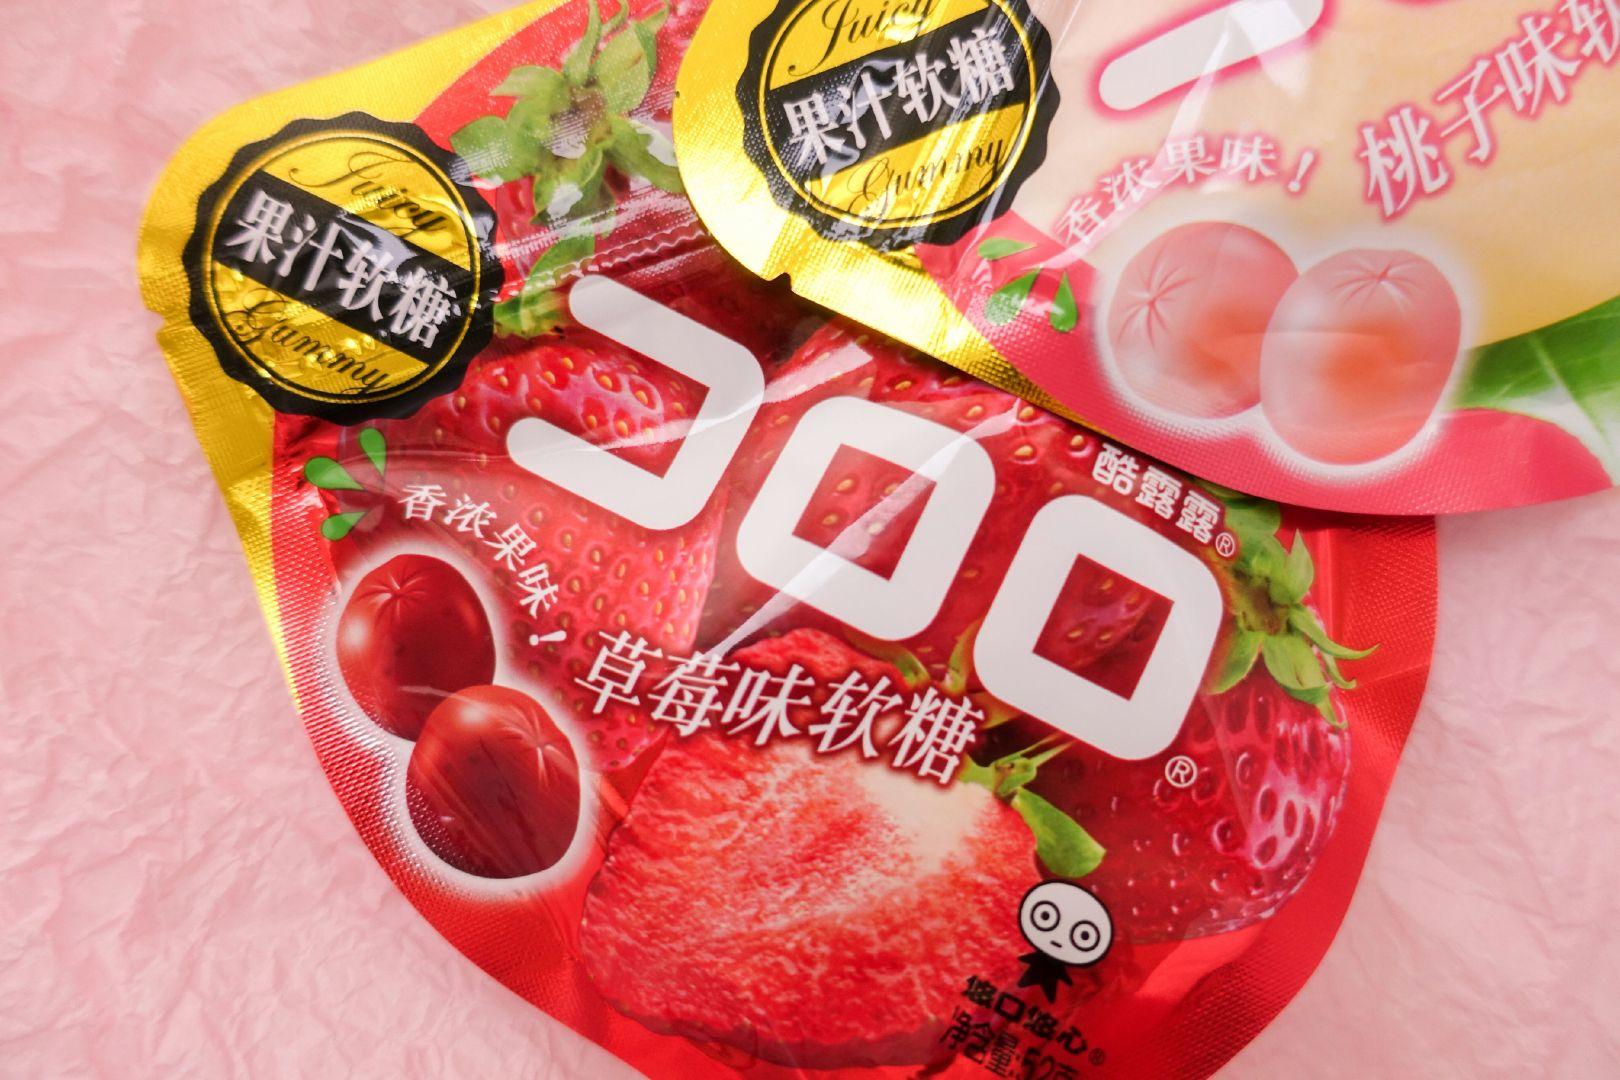 水果玩转新花样,联名UHA悠哈果汁软糖